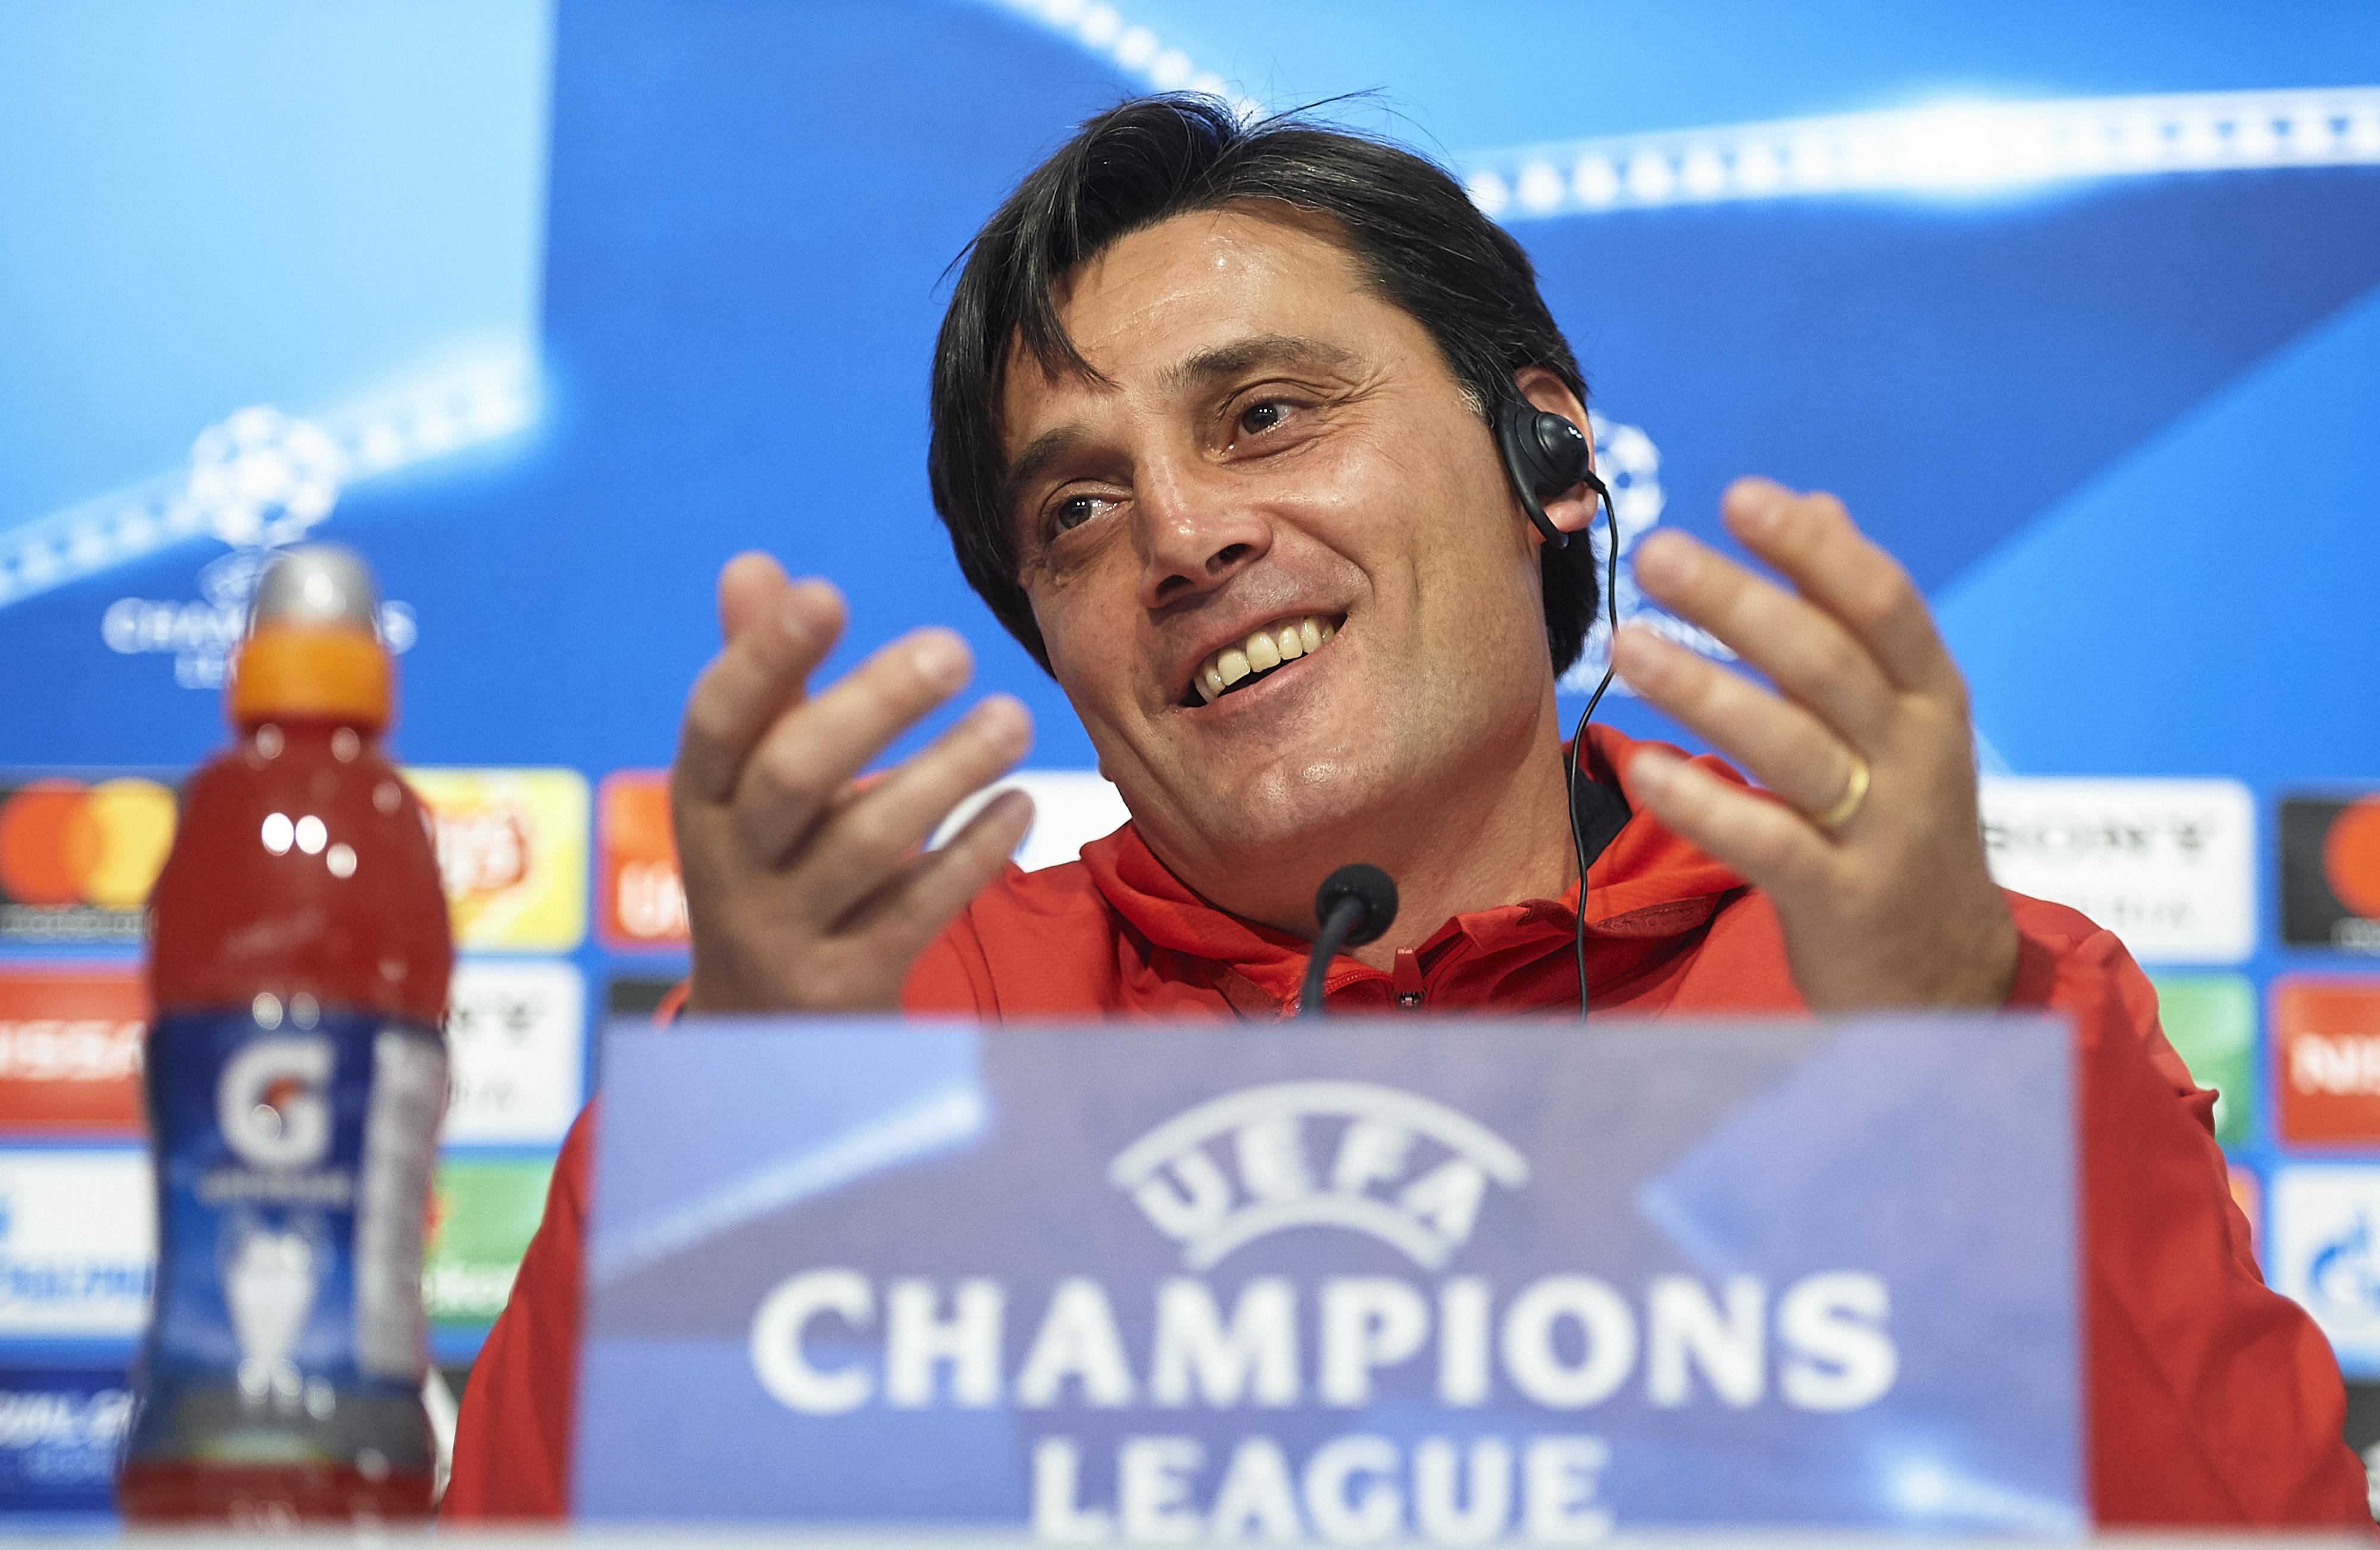 Треньорът на Севиля Винченцо Монтела изрази възхищението си от играта